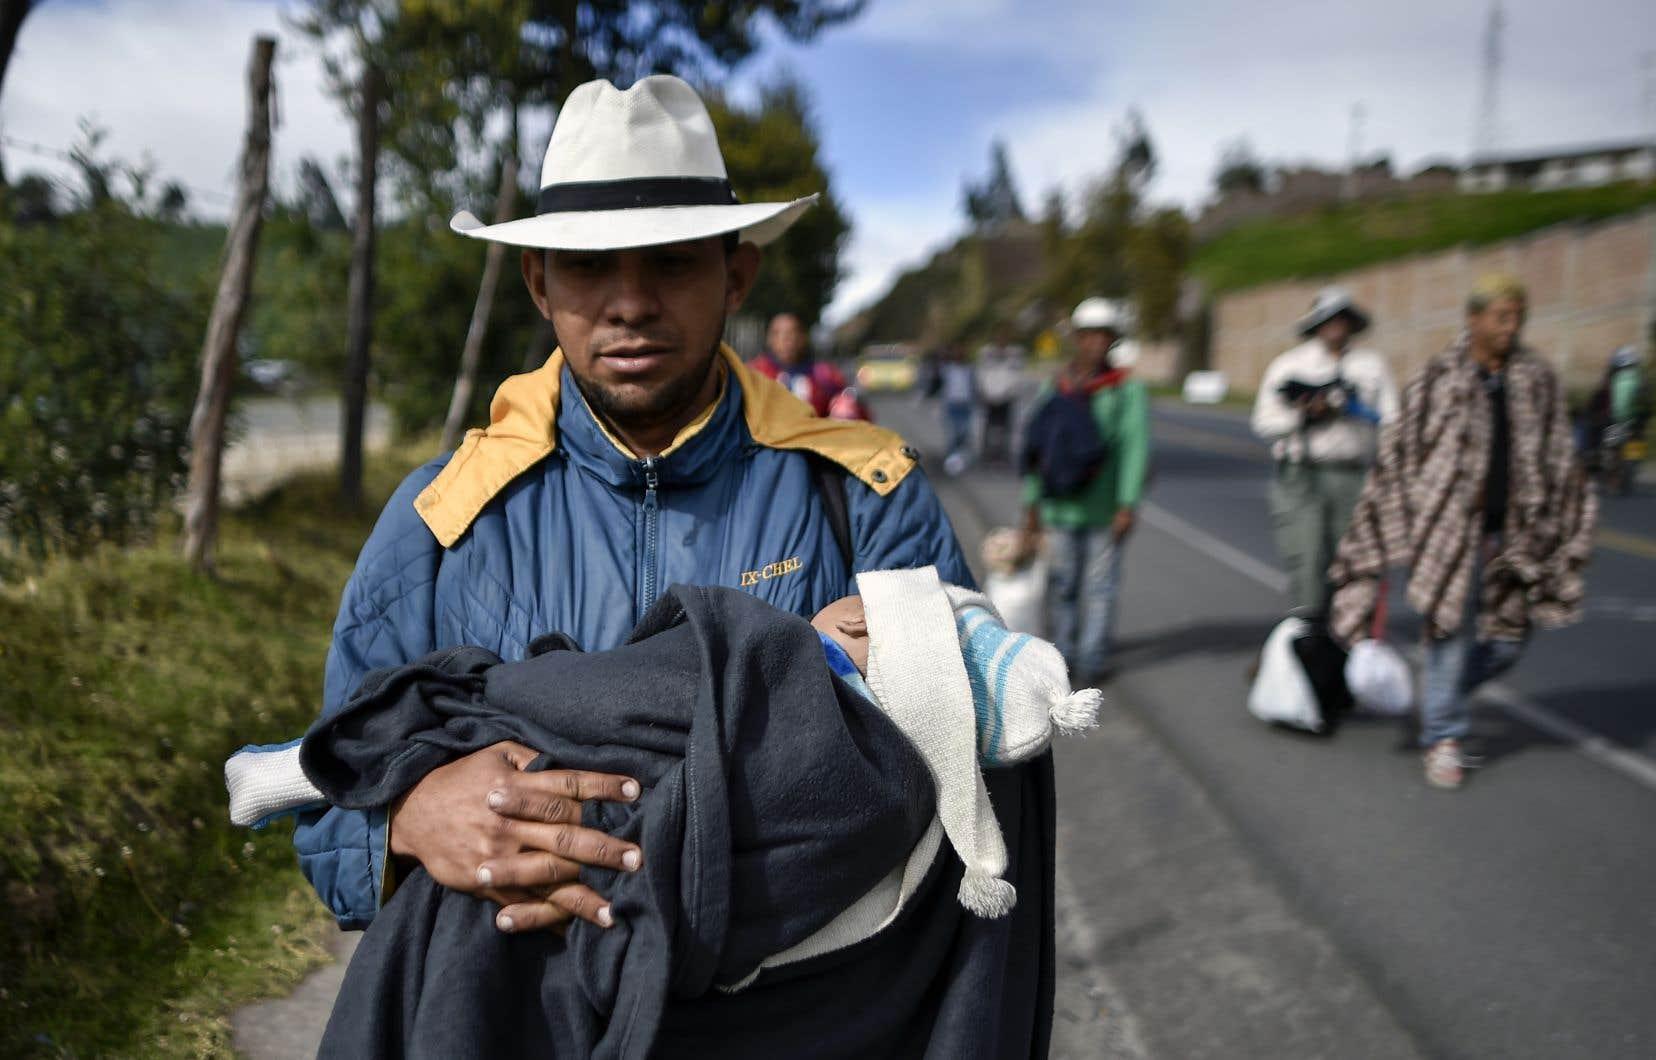 Comme des millions de Vénézuéliens, Richard Lomelly, 30ans, fuit la crise économique de son pays, Il marche avec son bébé, Tiago, dans ses bras le long de la route panaméricaine en Colombie pour se rendre au Pérou.